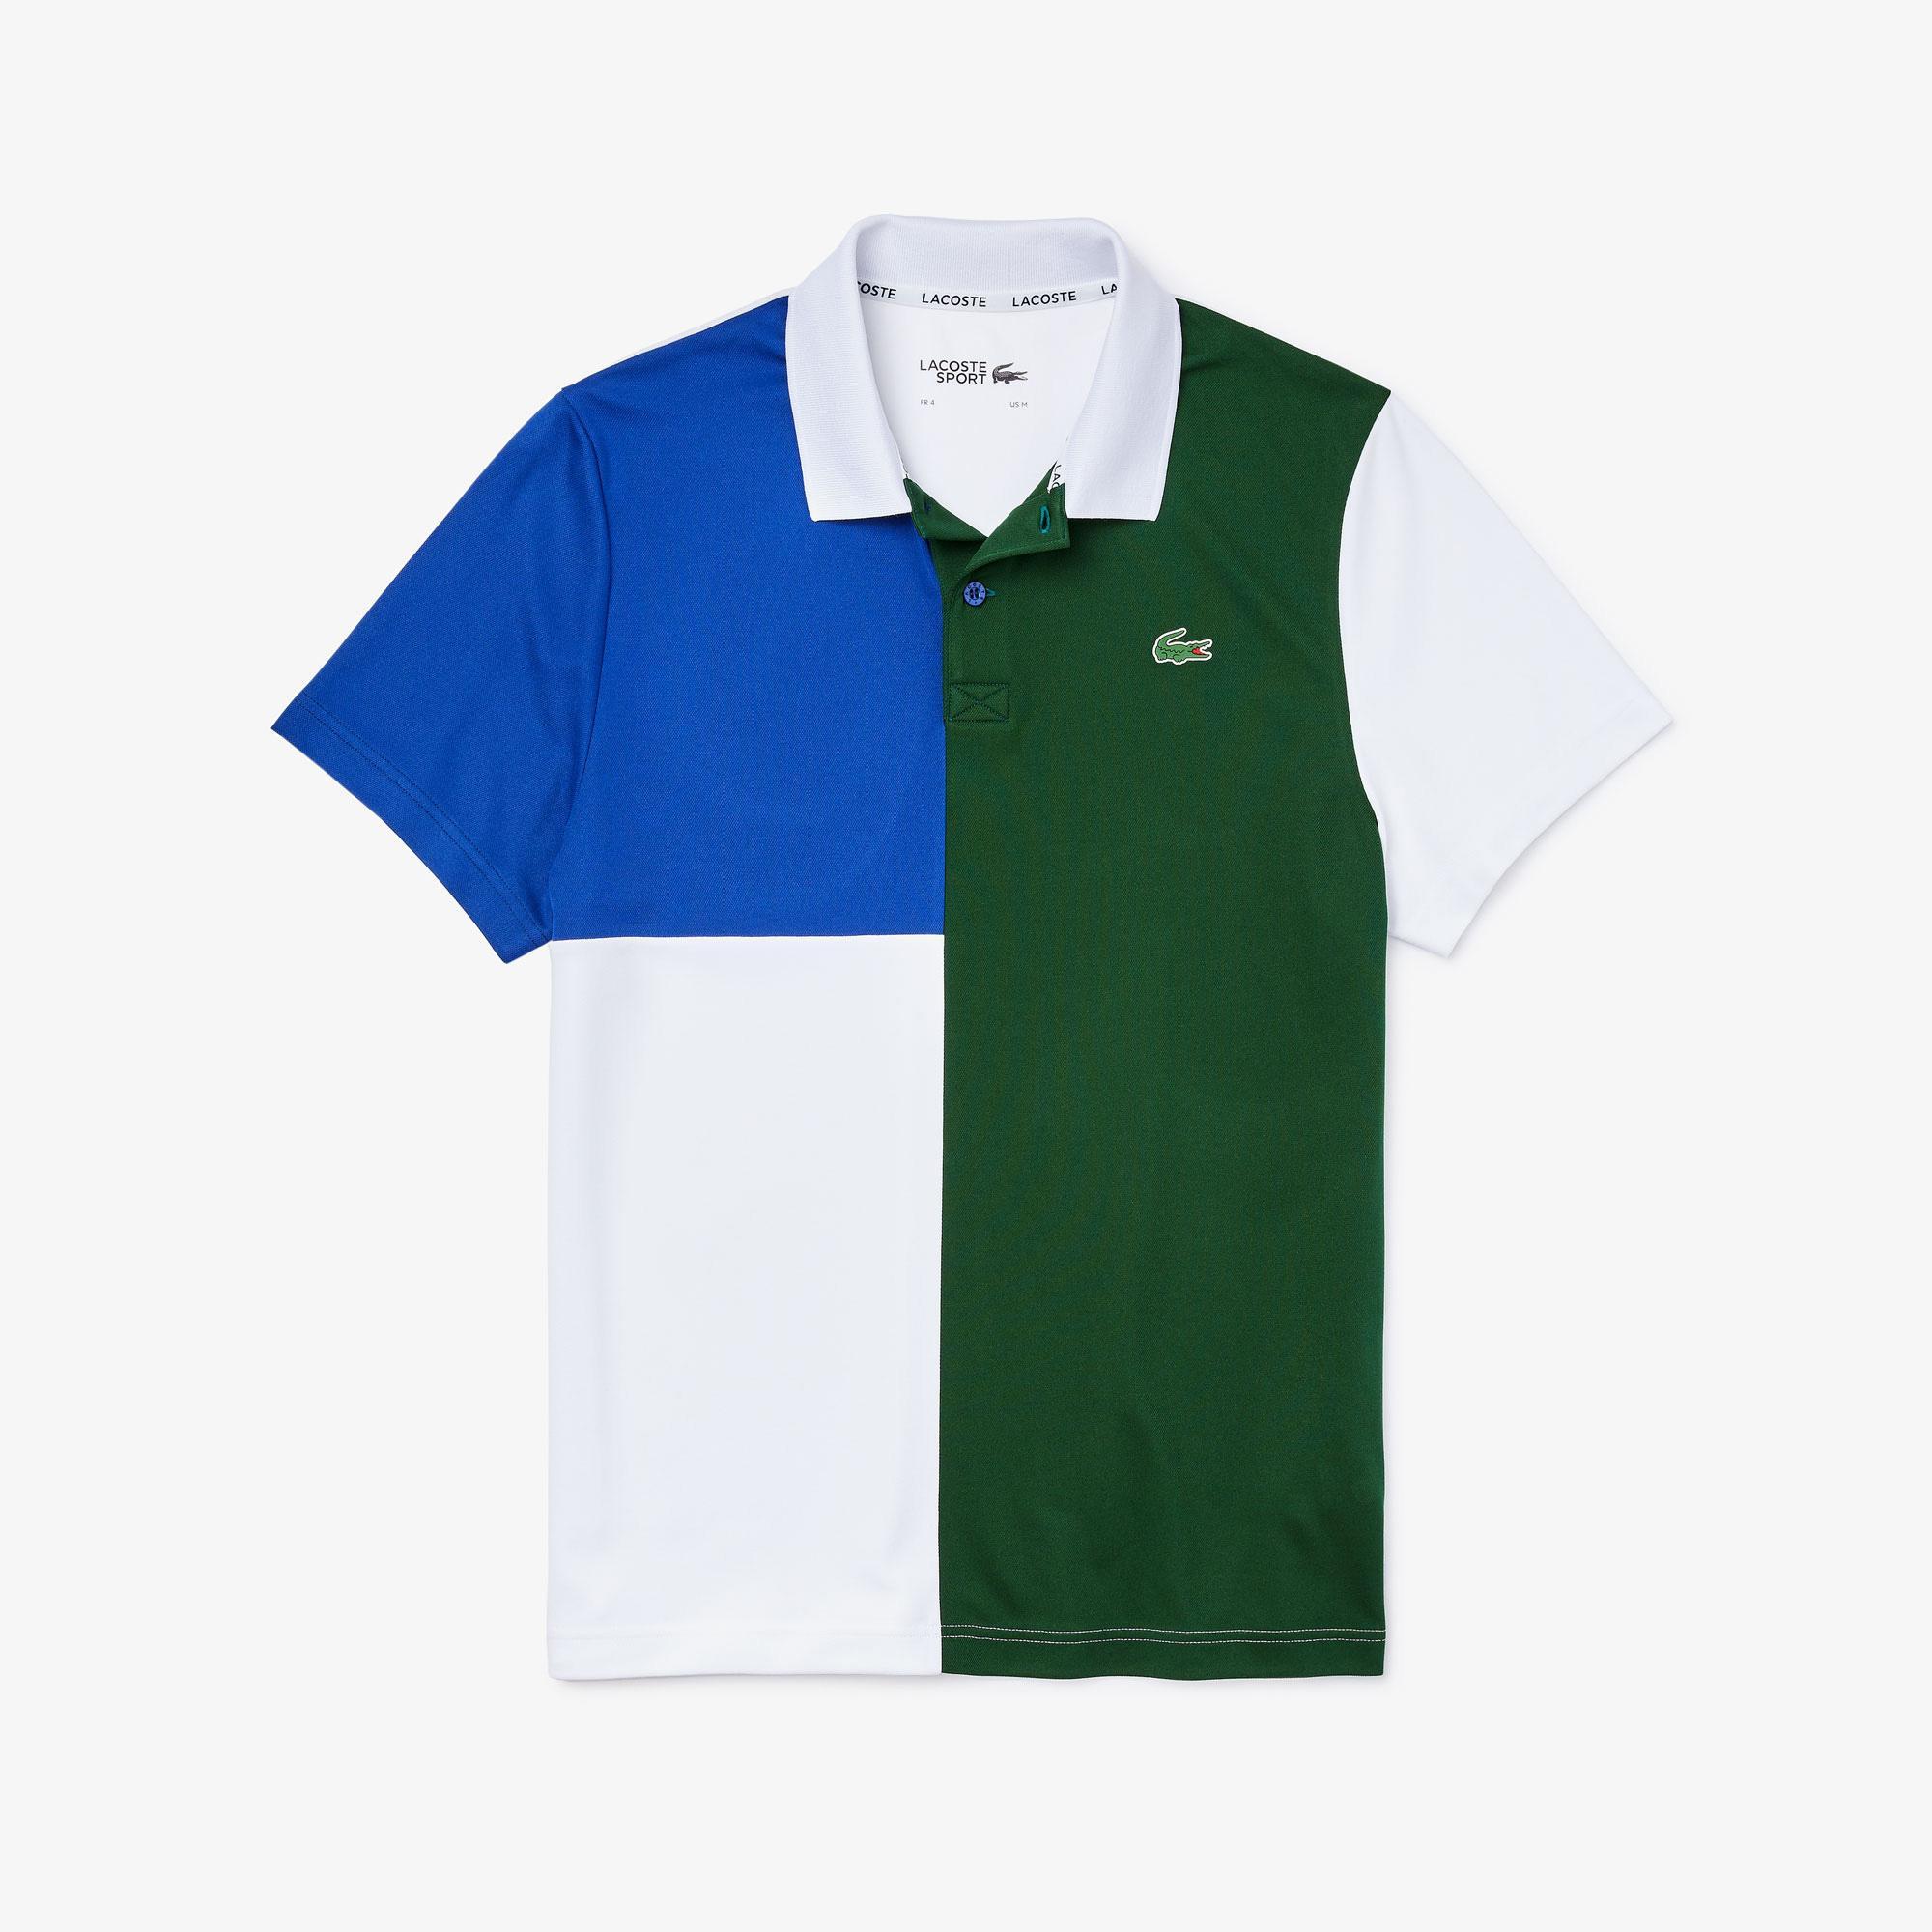 Lacoste Sport Męska Oddychająca Koszulka Polo Z Piki Technologia Świeżości